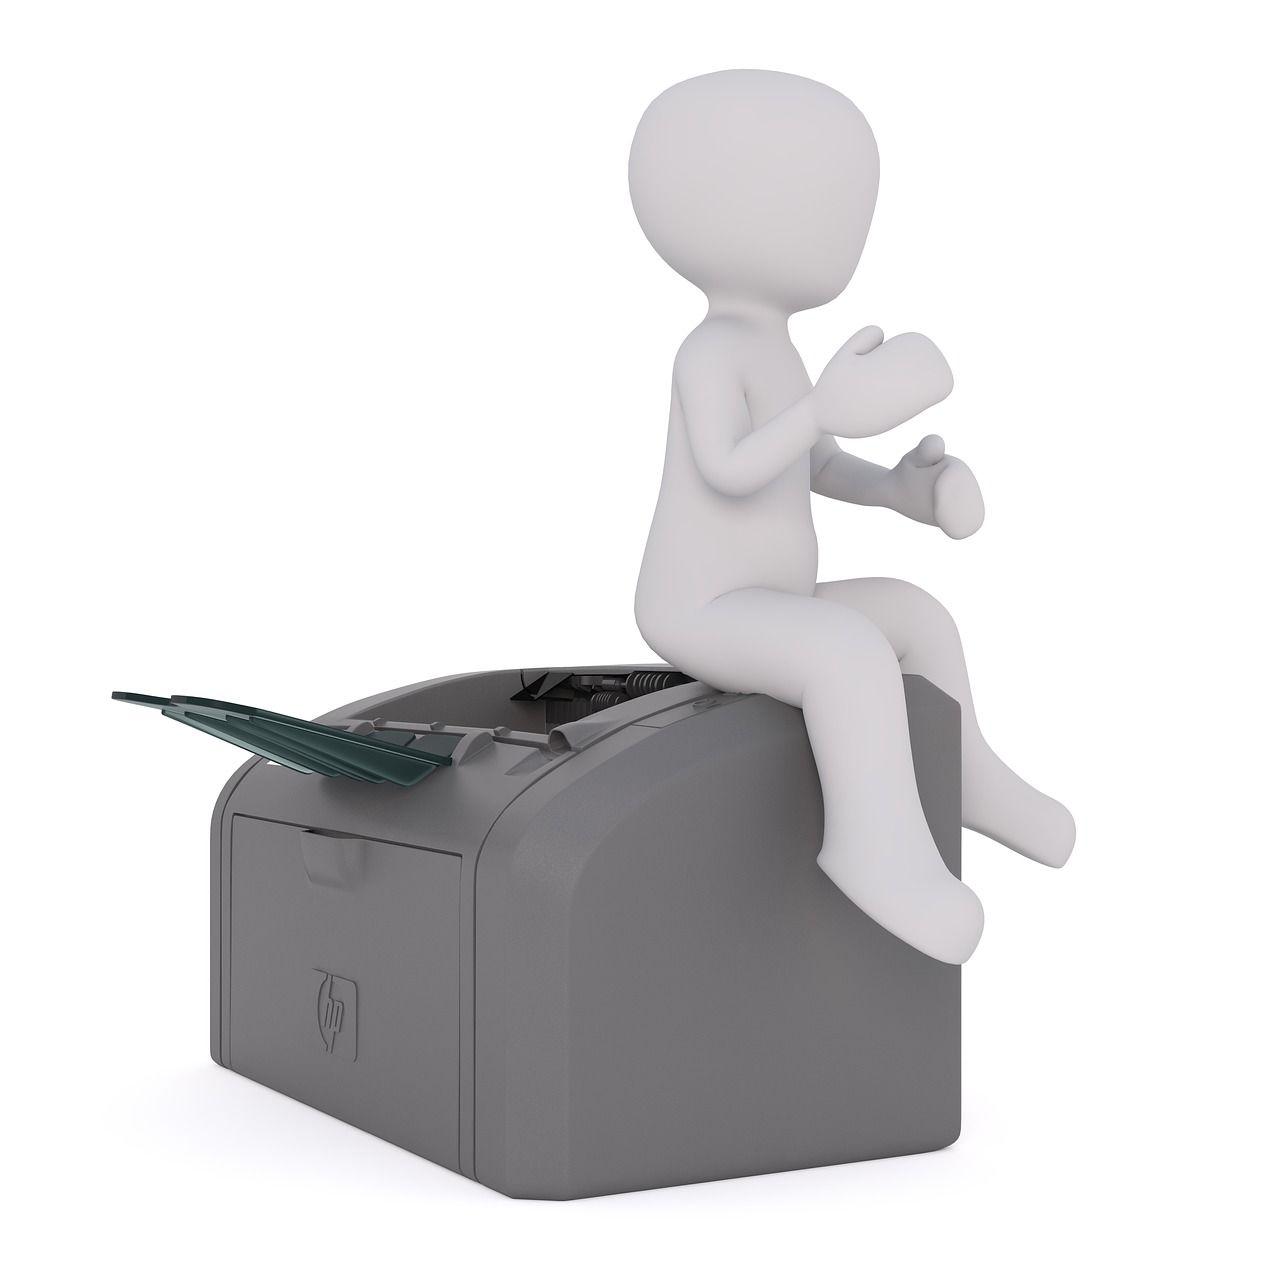 figurka białego mężczyzny siedzącego na drukarce